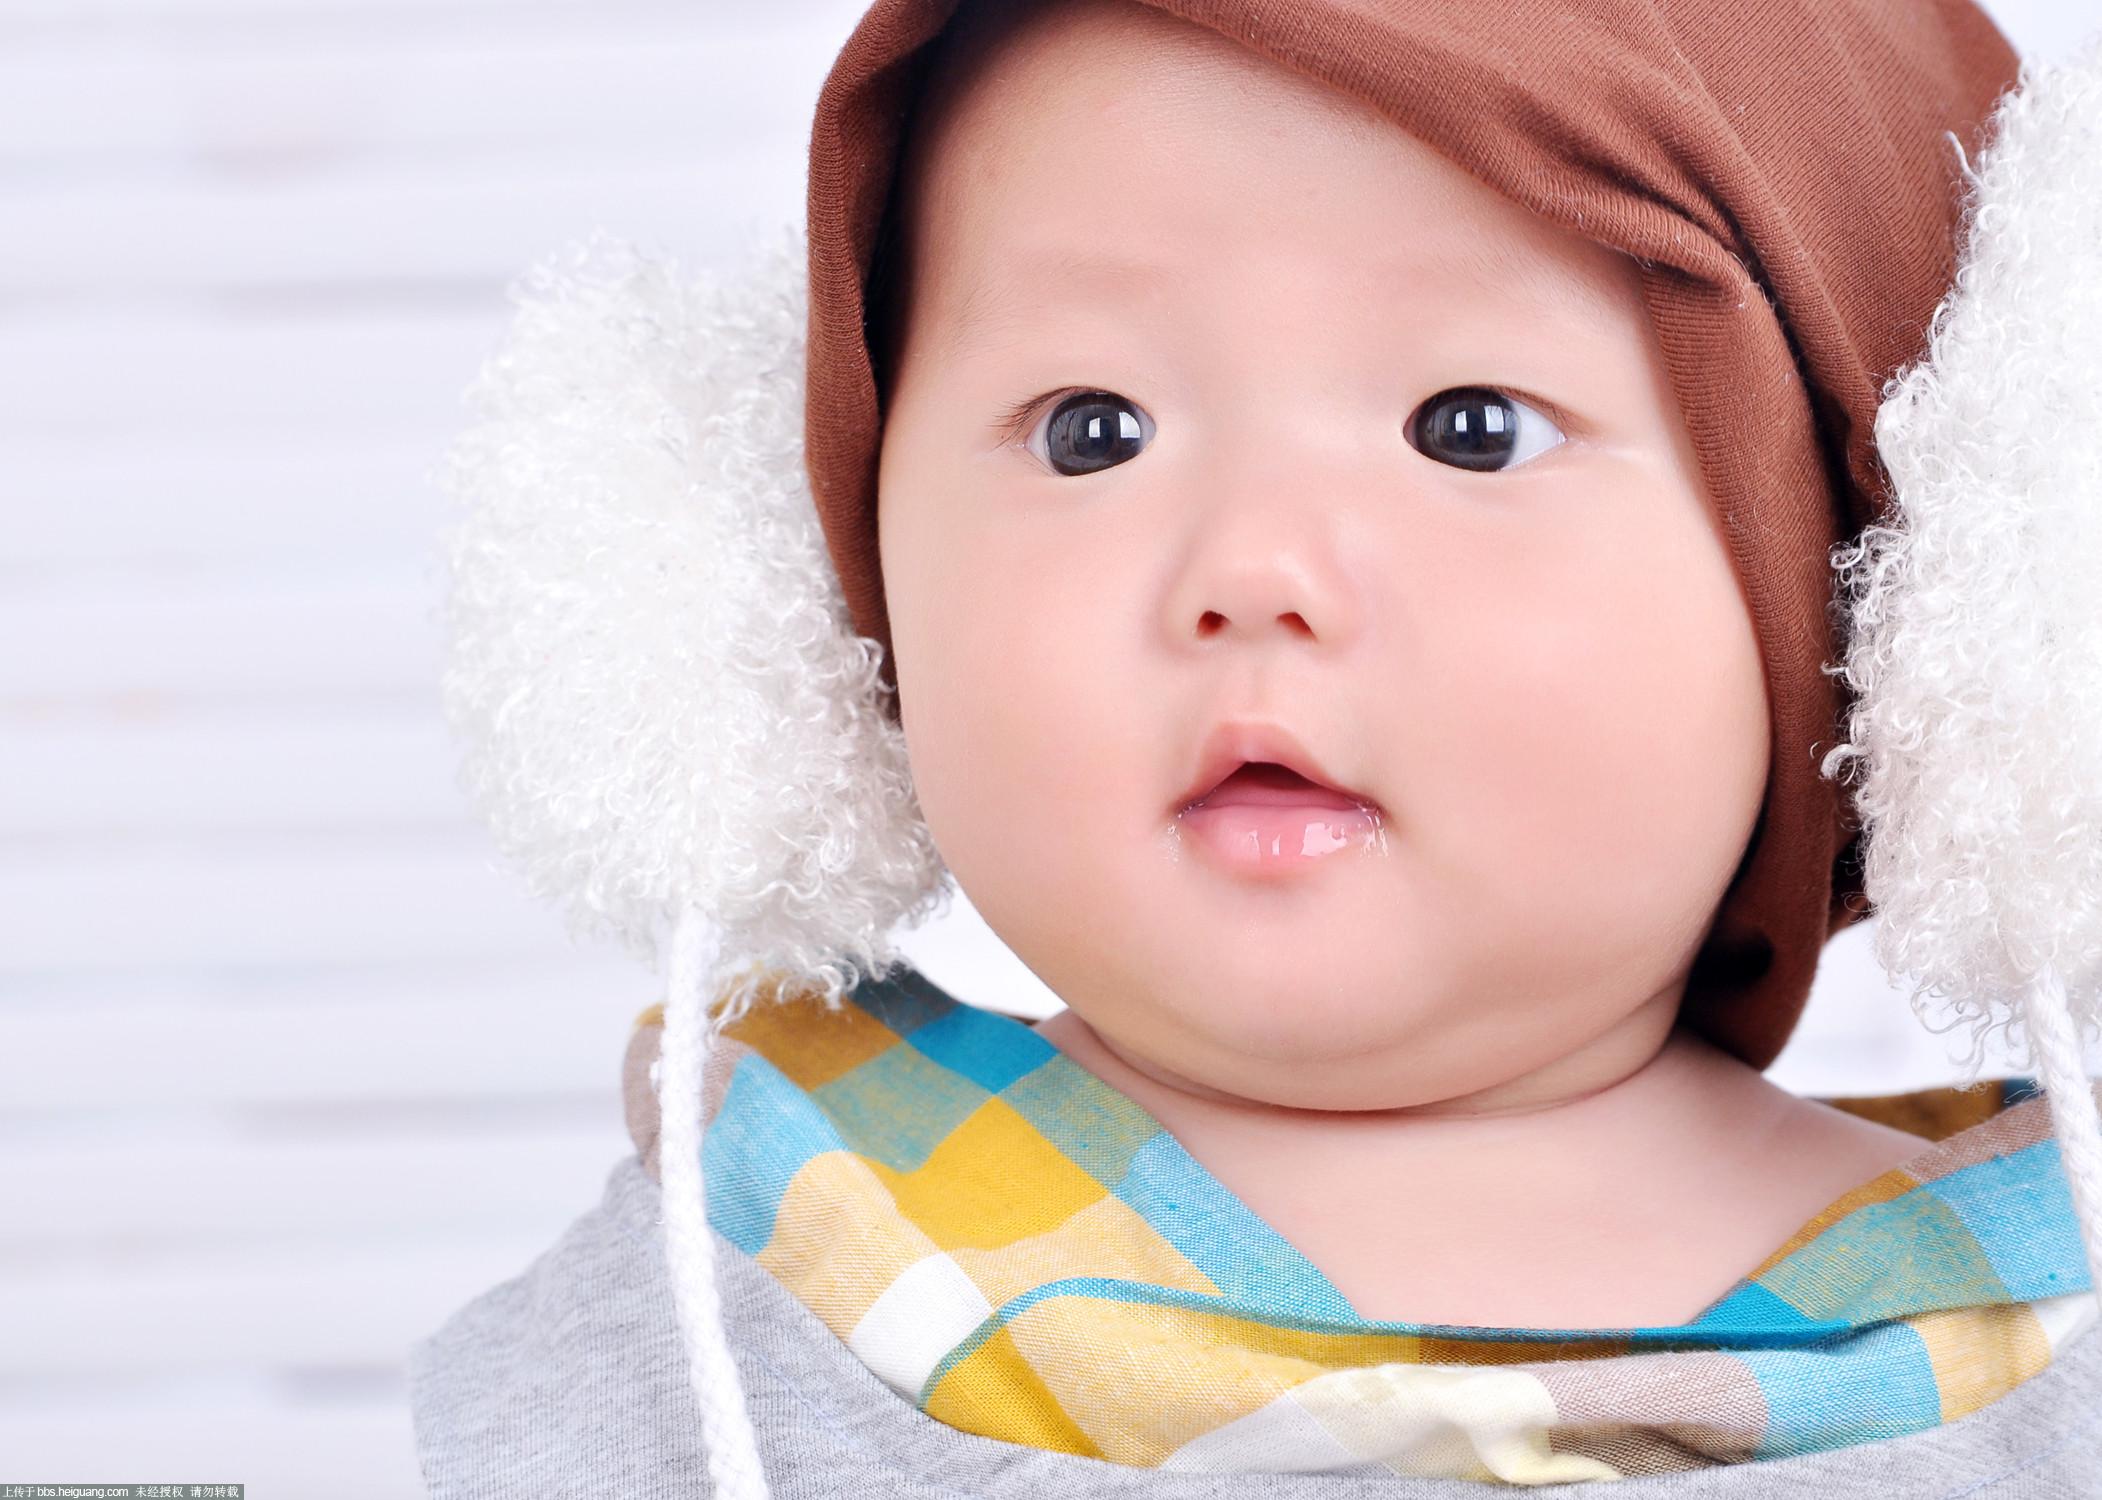 时光baby儿童摄影满月照百天照周岁照宝宝儿童写真套系定金